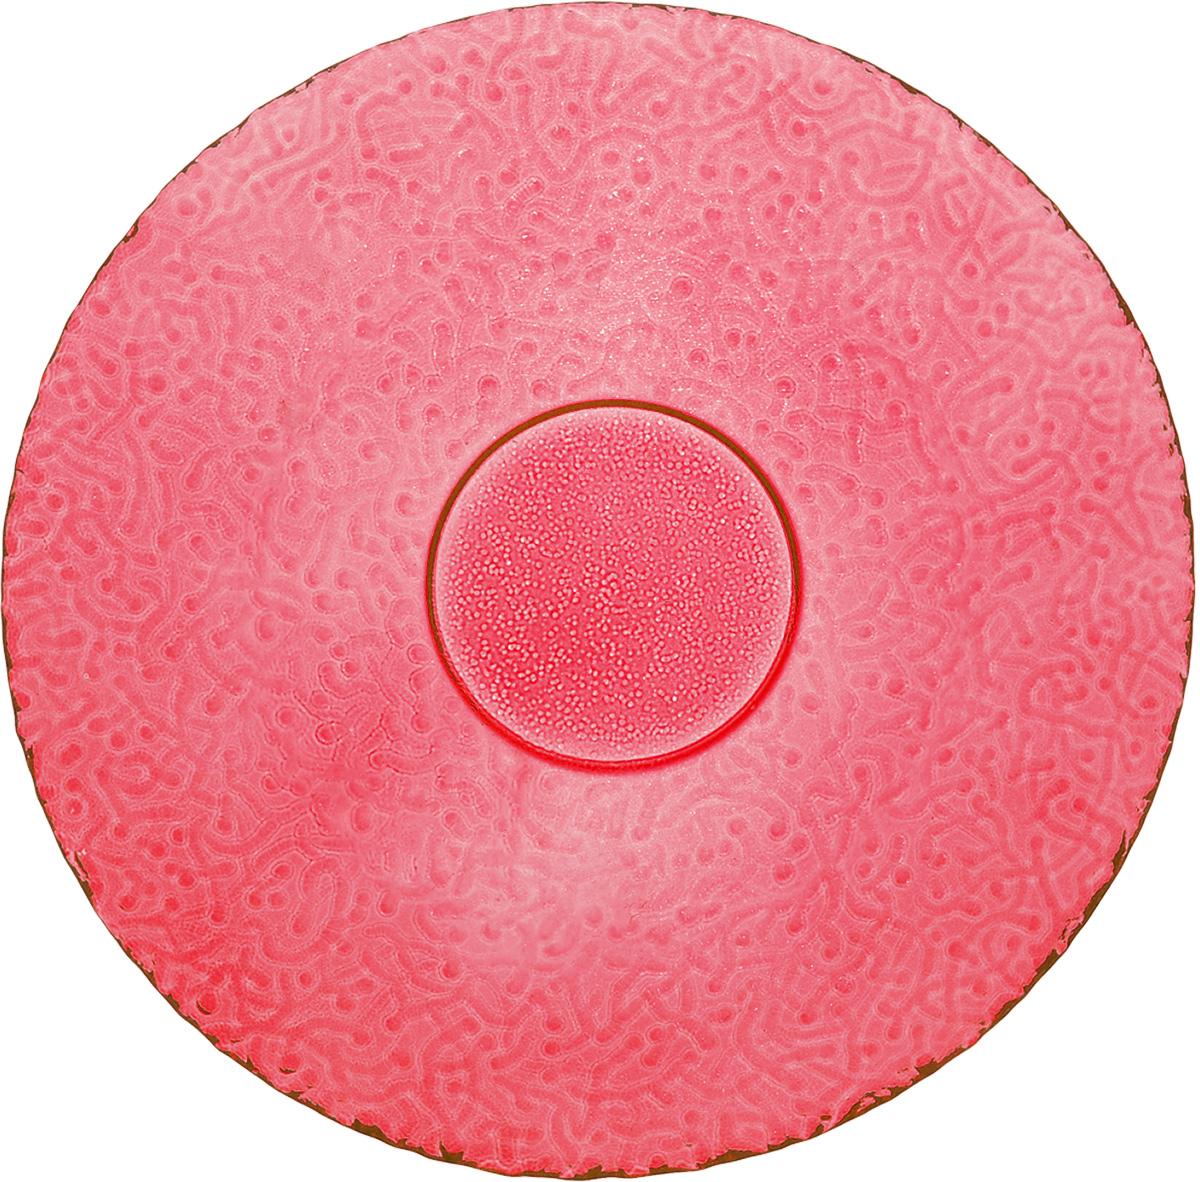 Тарелка NiNaGlass Ажур, цвет: рубиновый, диаметр 21 см83-070-Ф210_рубиновыйТарелка NiNaGlass Ажур выполнена из высококачественного стекла и имеет рельефную поверхность. Она прекрасно впишется в интерьер вашей кухни и станет достойным дополнением к кухонному инвентарю. Тарелка NiNaGlass Ажур подчеркнет прекрасный вкус хозяйки и станет отличным подарком. Диаметр тарелки: 21 см. Высота: 2,5 см.